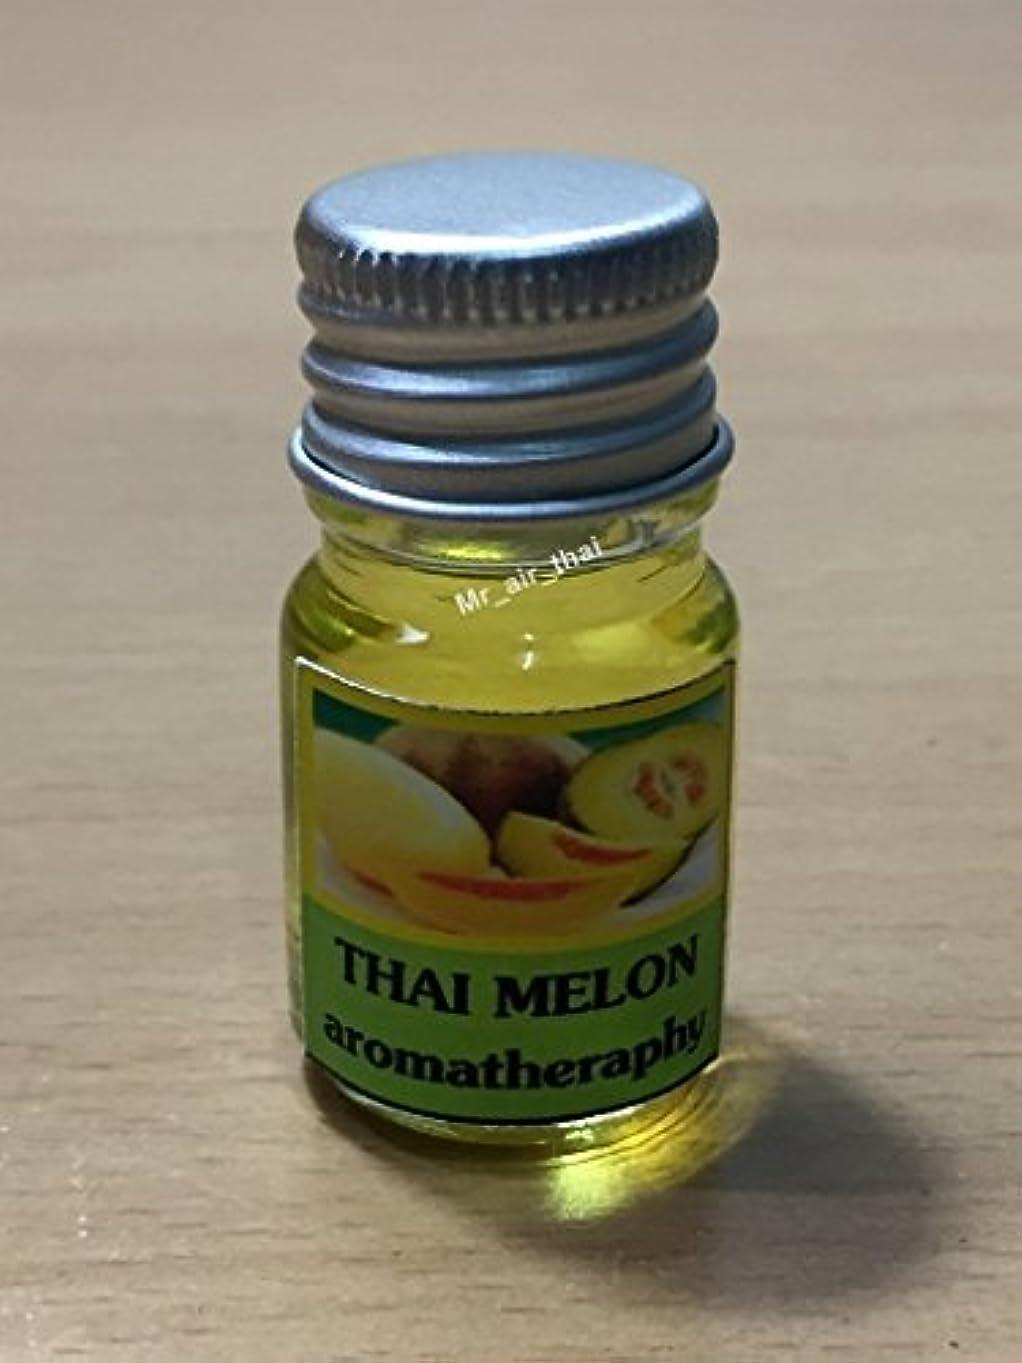 学校教育磁石血5ミリリットルアロマタイメロンフランクインセンスエッセンシャルオイルボトルアロマテラピーオイル自然自然5ml Aroma Thai Melon Frankincense Essential Oil Bottles Aromatherapy...